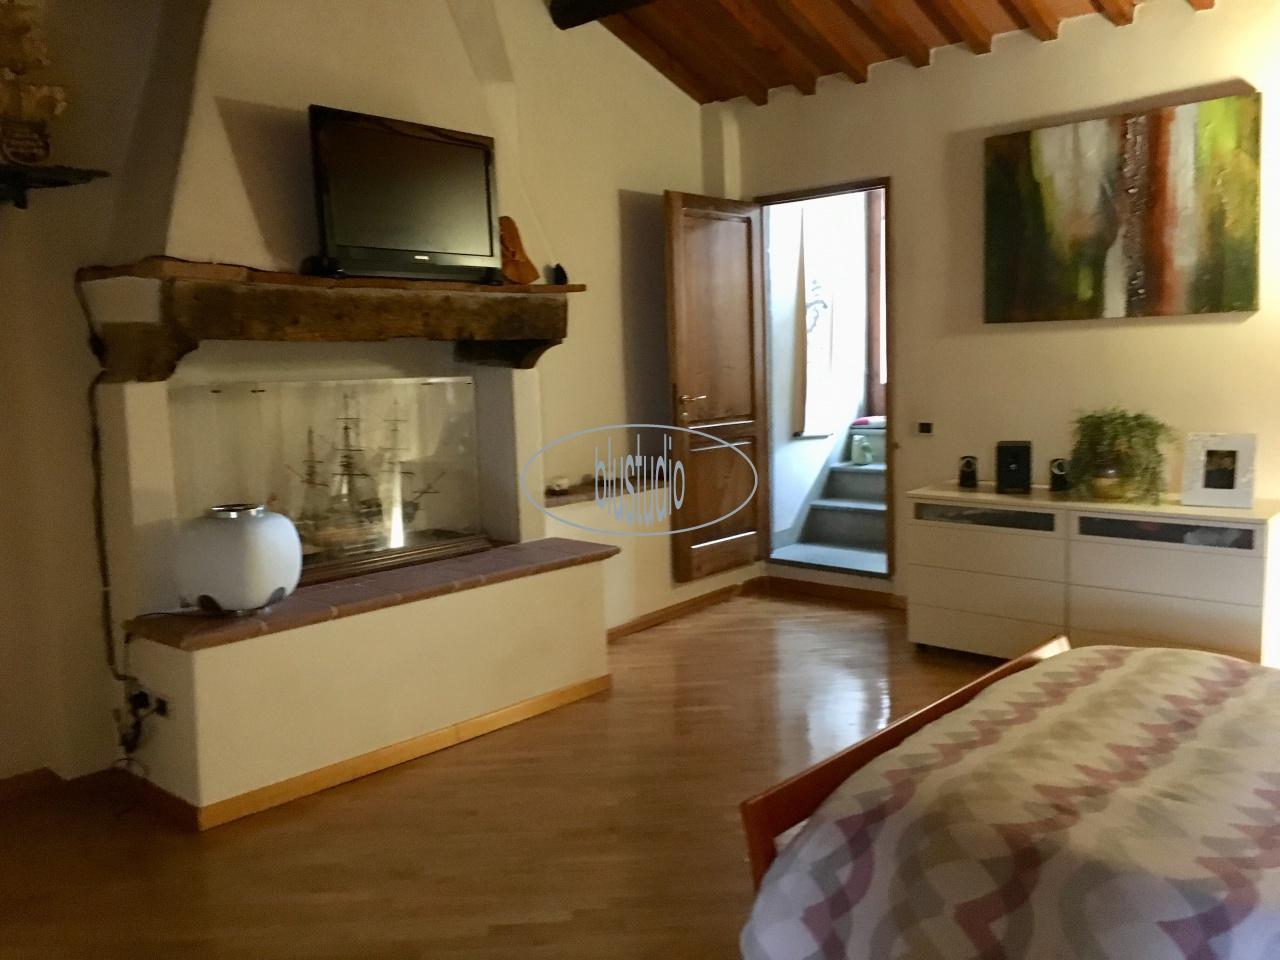 Appartamento in vendita a Figline e Incisa Valdarno, 5 locali, prezzo € 350.000 | PortaleAgenzieImmobiliari.it